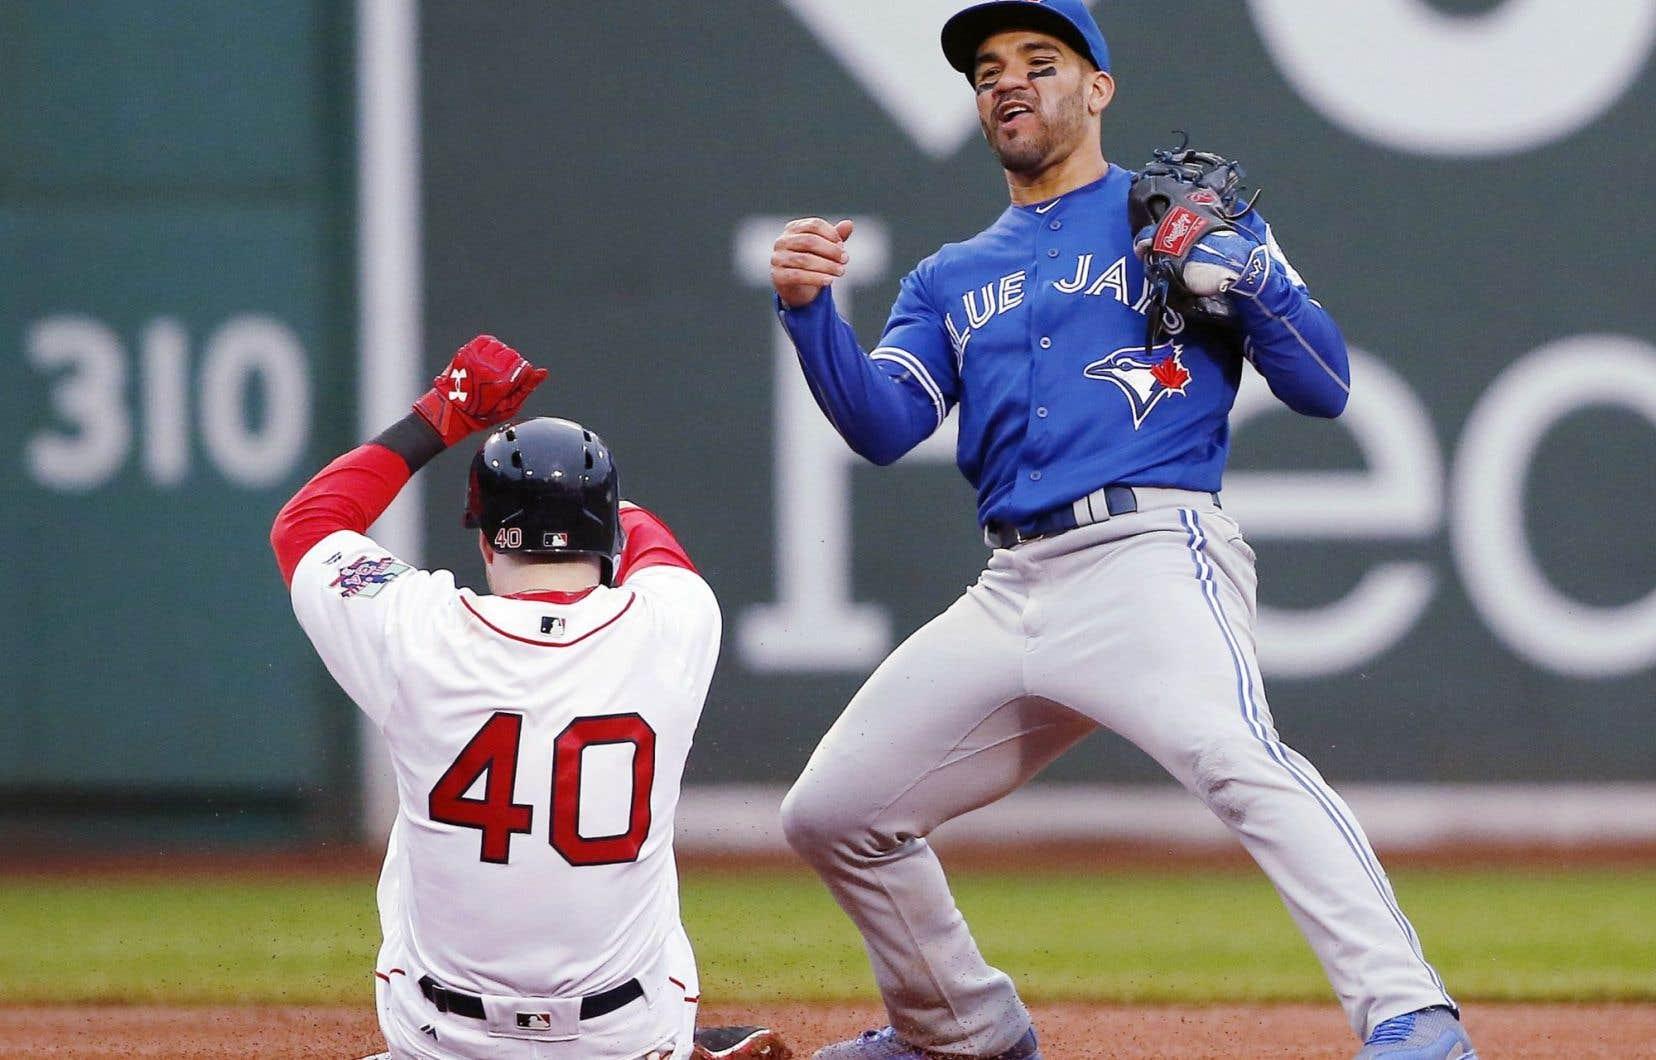 Devon Travis (à droite sur la photo) et Troy Tulowitzki ont mené les Jays à cette victoire cruciale contre les Red Sox de Boston, dimanche.